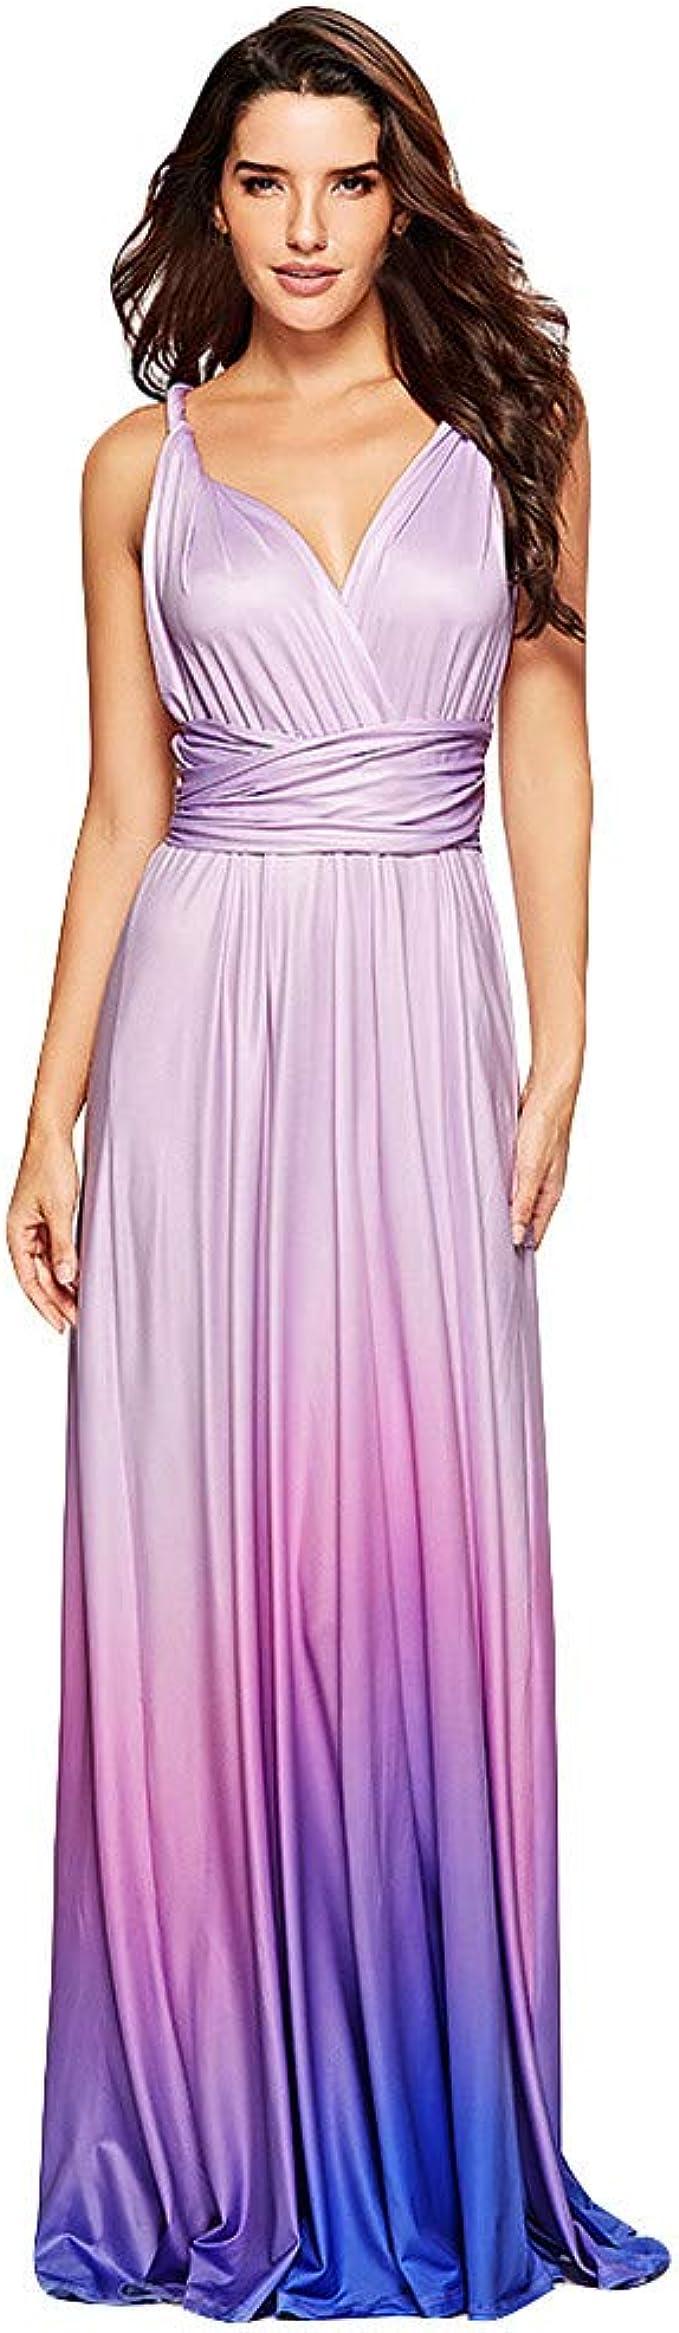 LoveLeiter Frauen Abendkleid Art Tiefer V Ausschnitt Farbverlauf